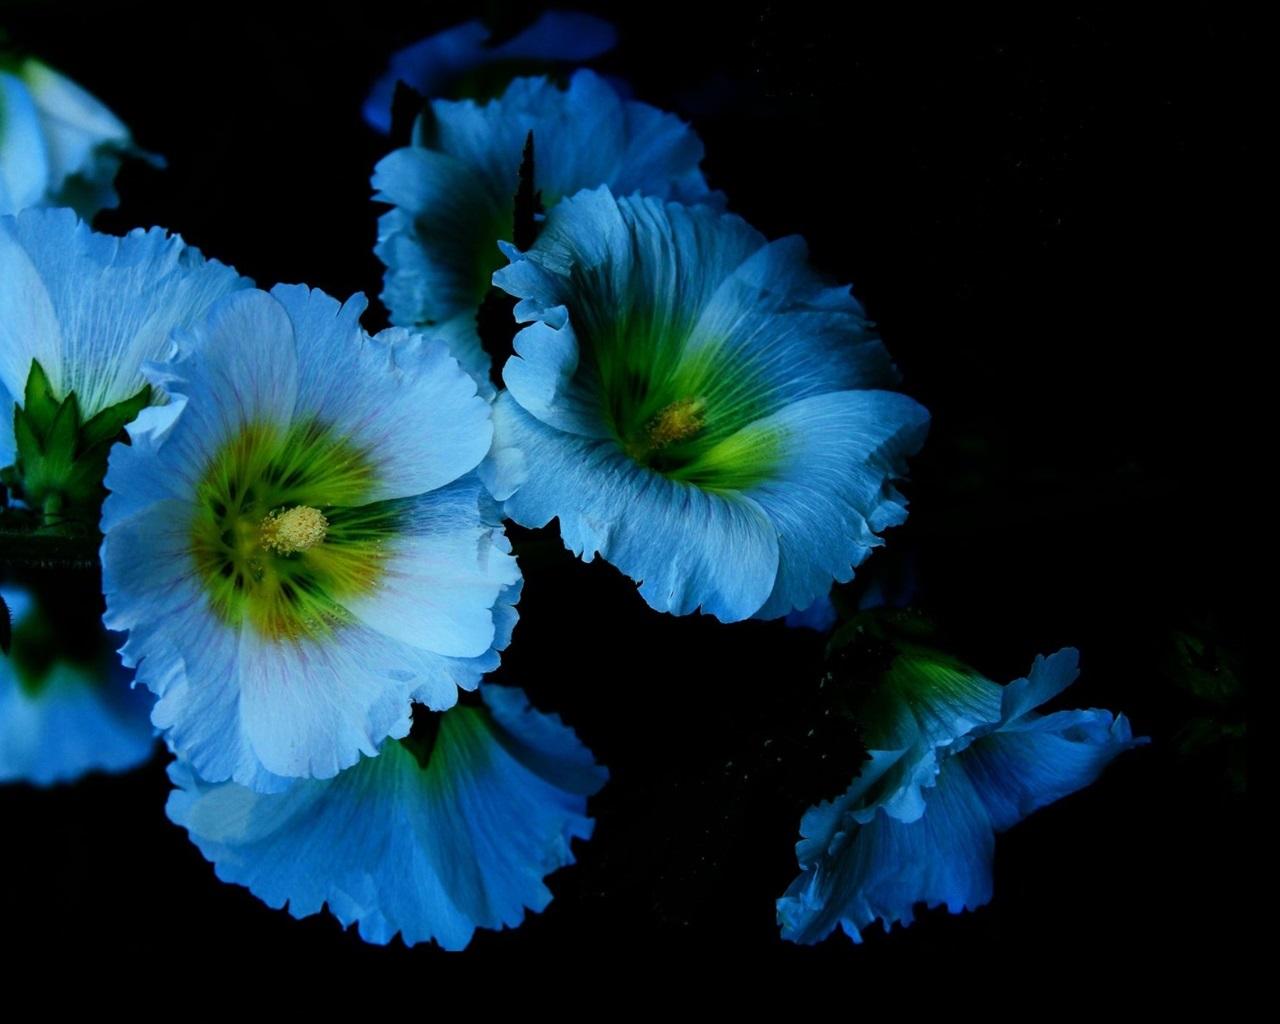 壁紙 青い花、花びら、ゼニアオイ、黒の背景 2560x1600 HD 無料のデスクトップの背景, 画像